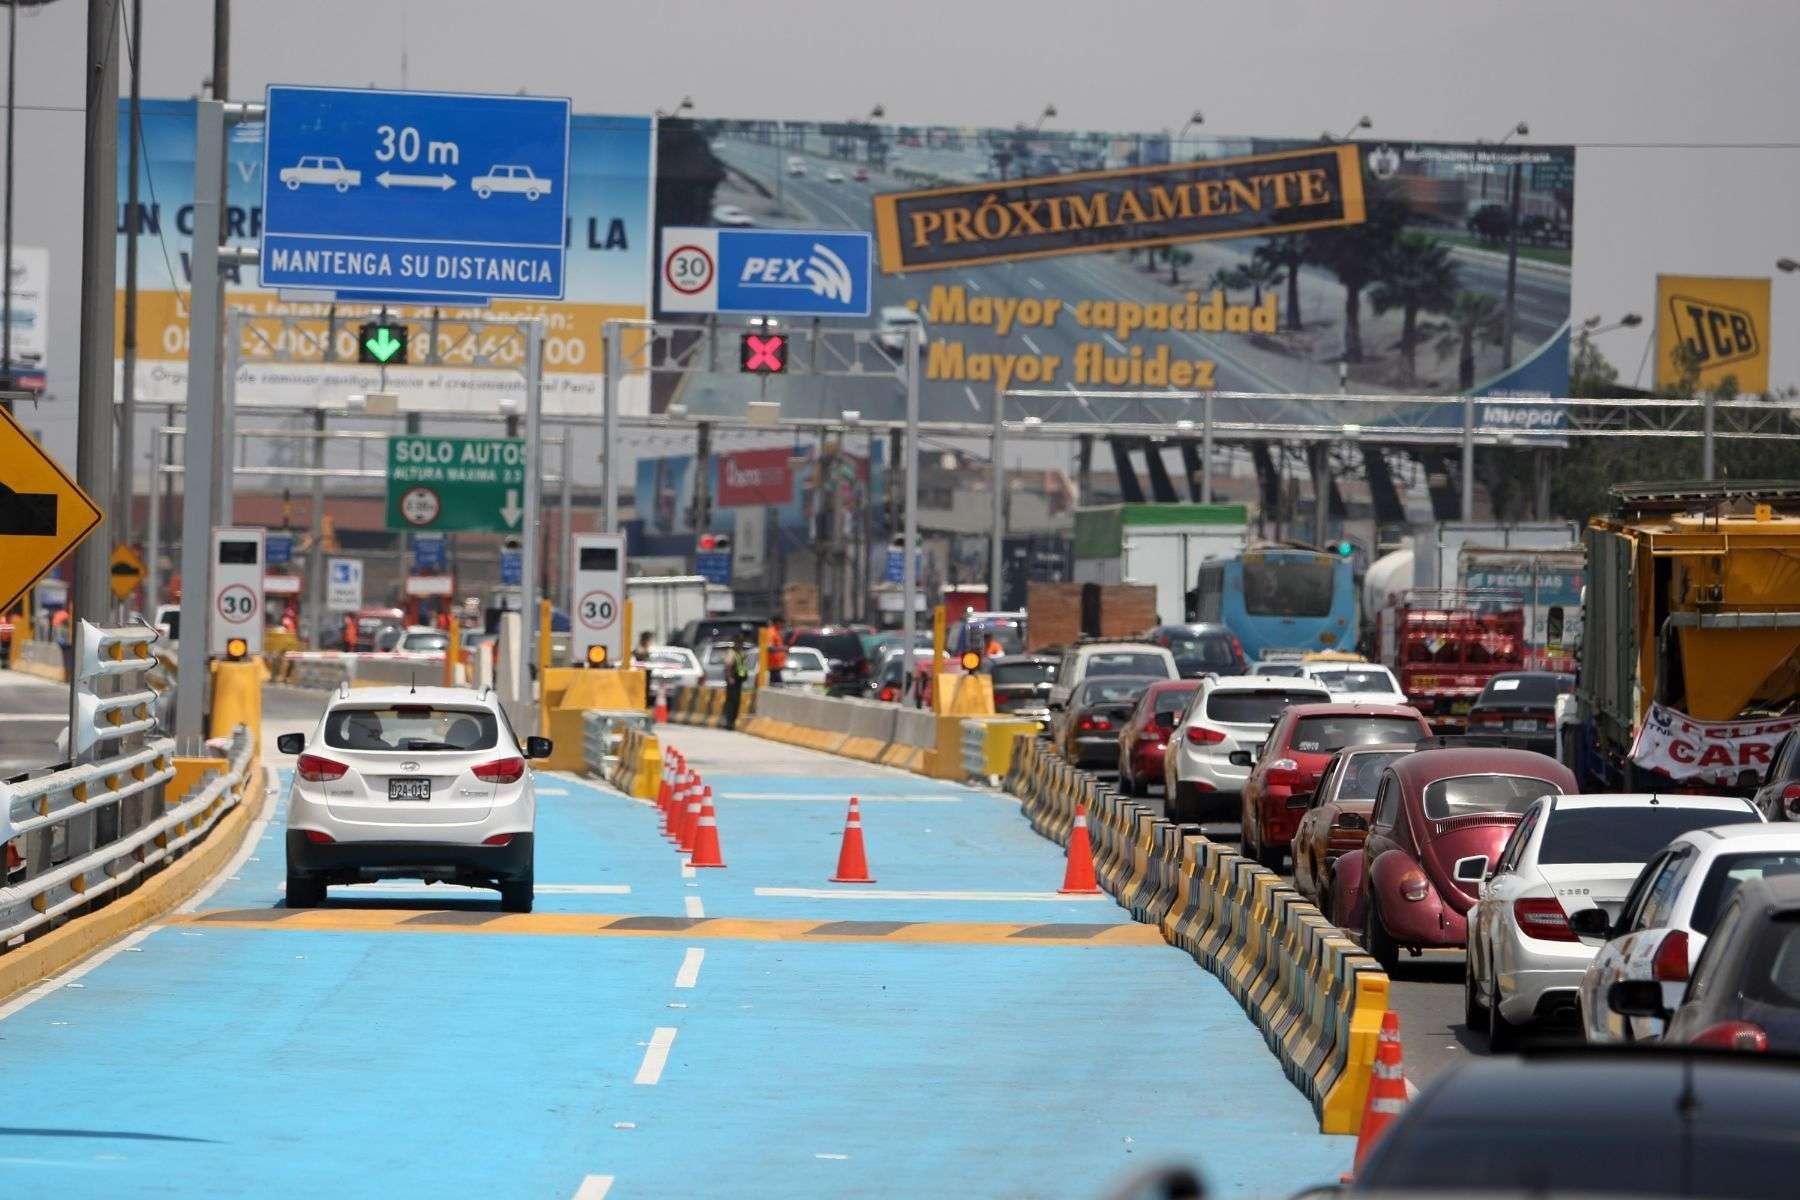 Para reducir la congestión de vehículos que retornan a la capital en ese horario, la concesionaria Rutas de Lima ha habilitado seis casetas de peaje en la plaza de Villa. Foto: Andina